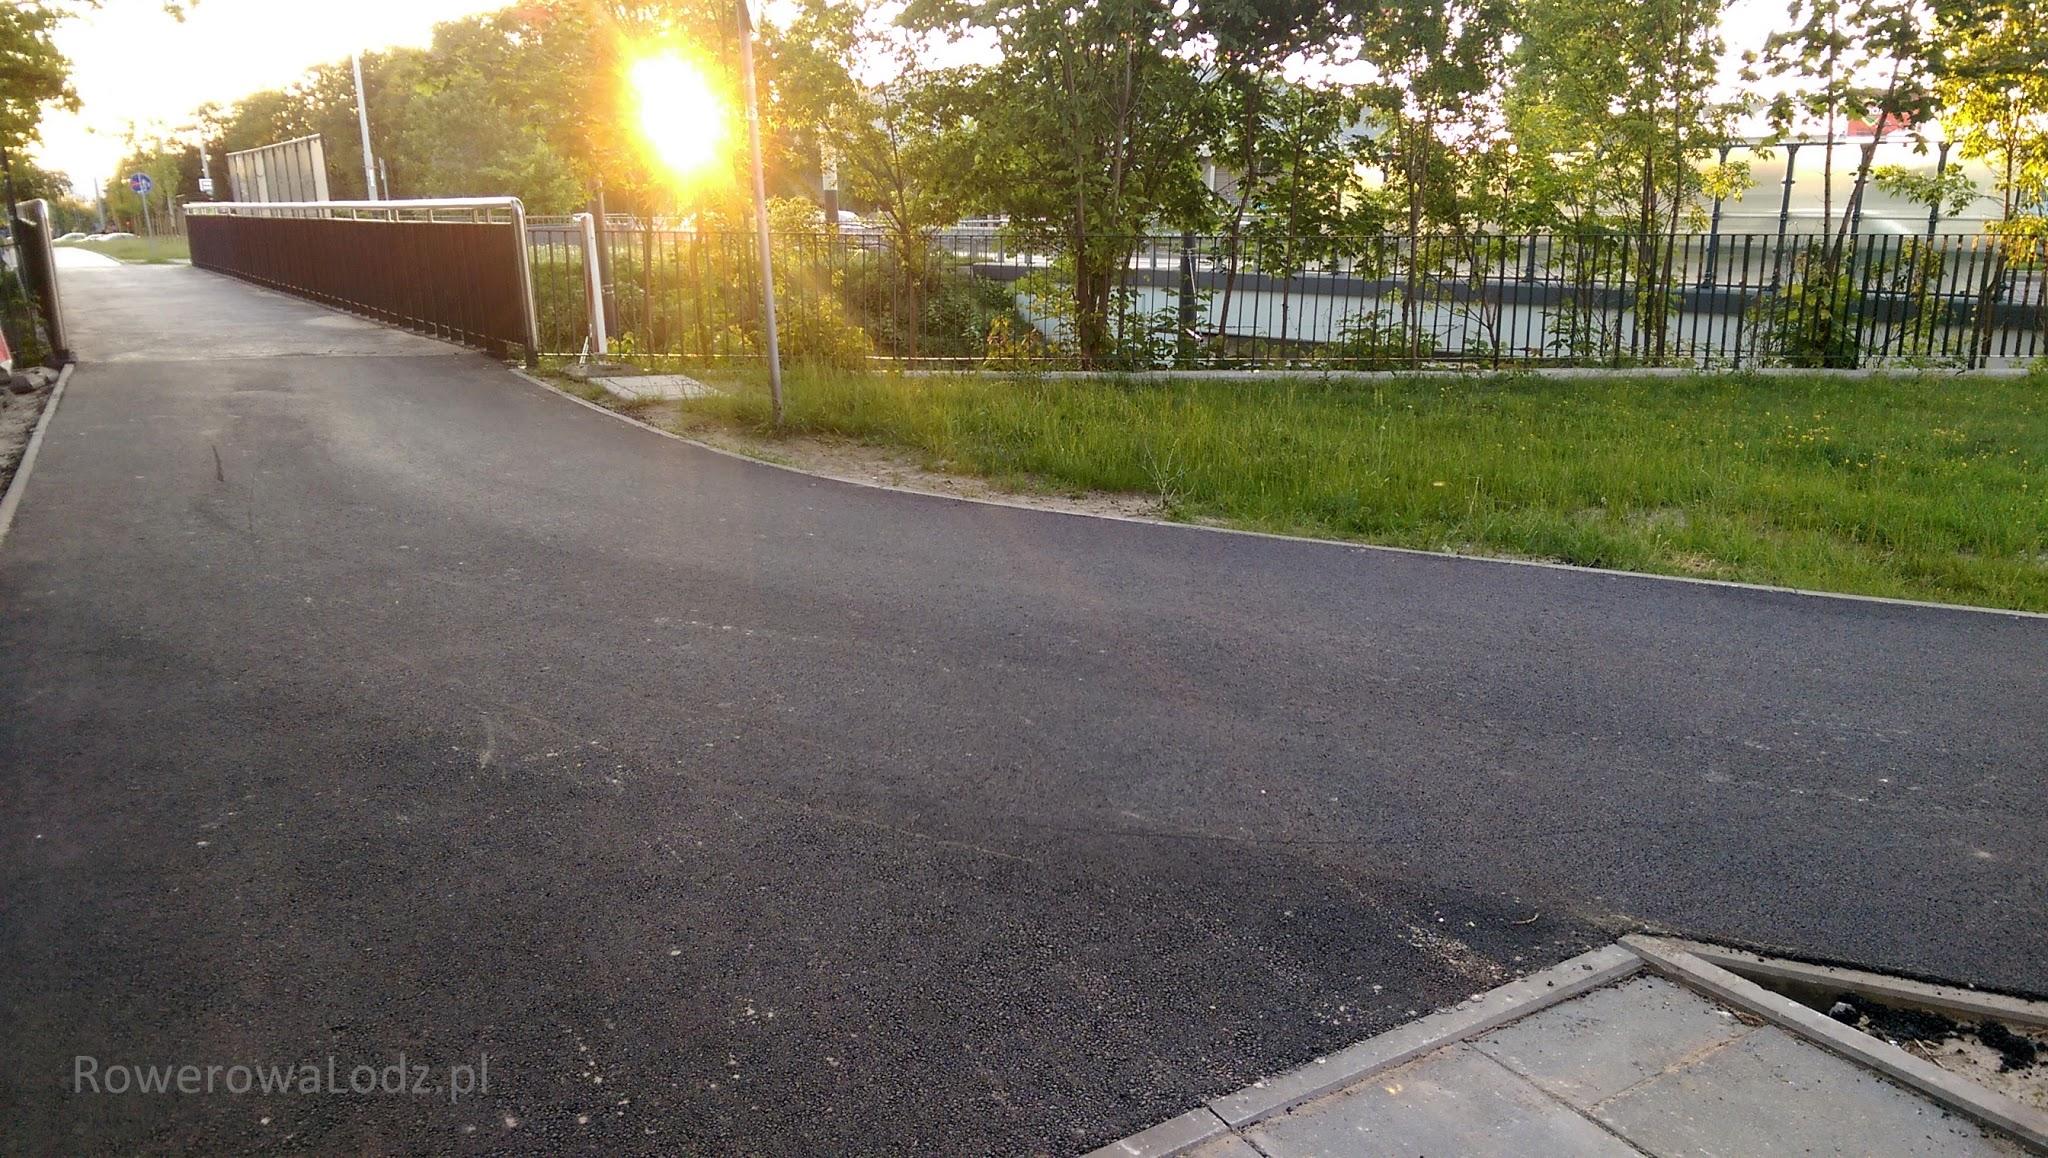 Przejazd przez kładkę nad torowiskiem jest bez krawężników - kiedyś zmory rowerzystów